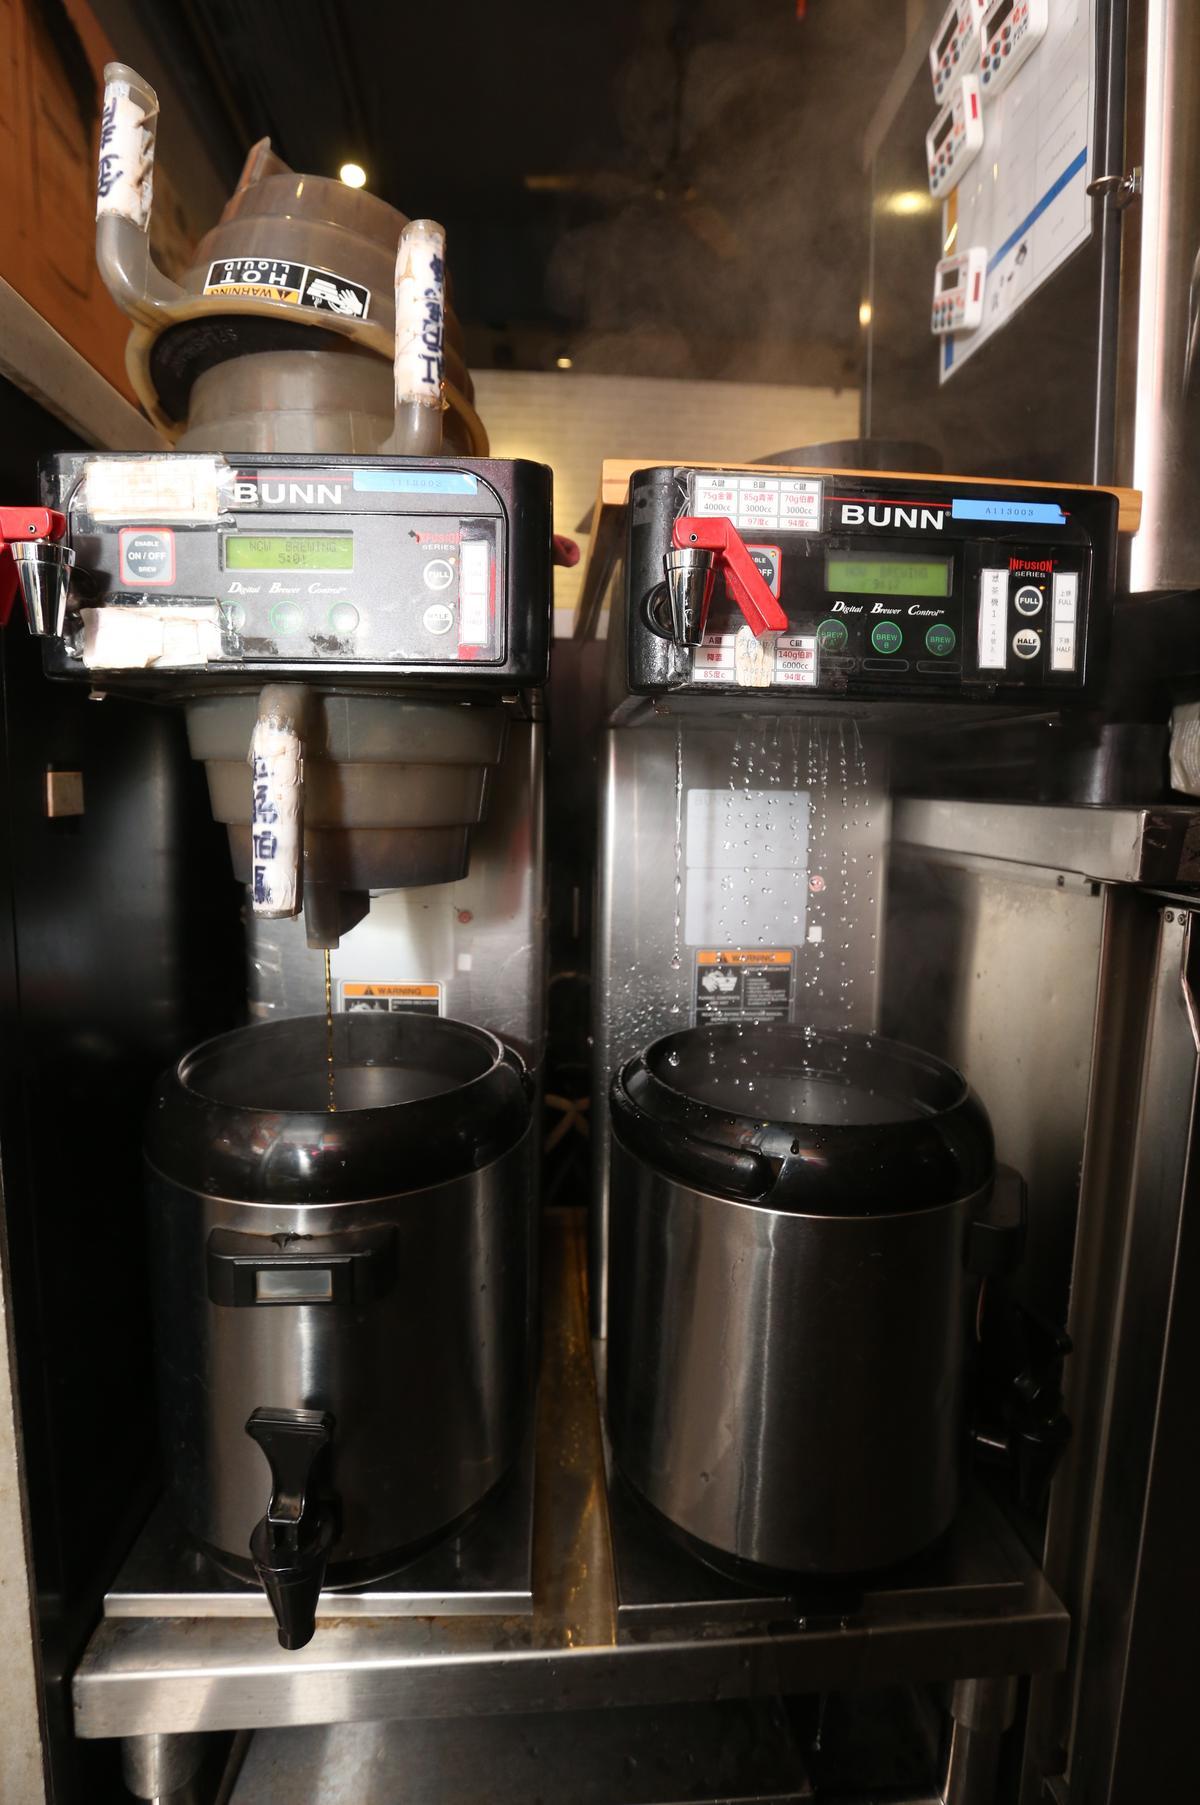 為了統一茶飲品質,鄭凱隆要求機器廠商特製煮茶機,以便定時、定量、定溫煮出口味一致的茶。